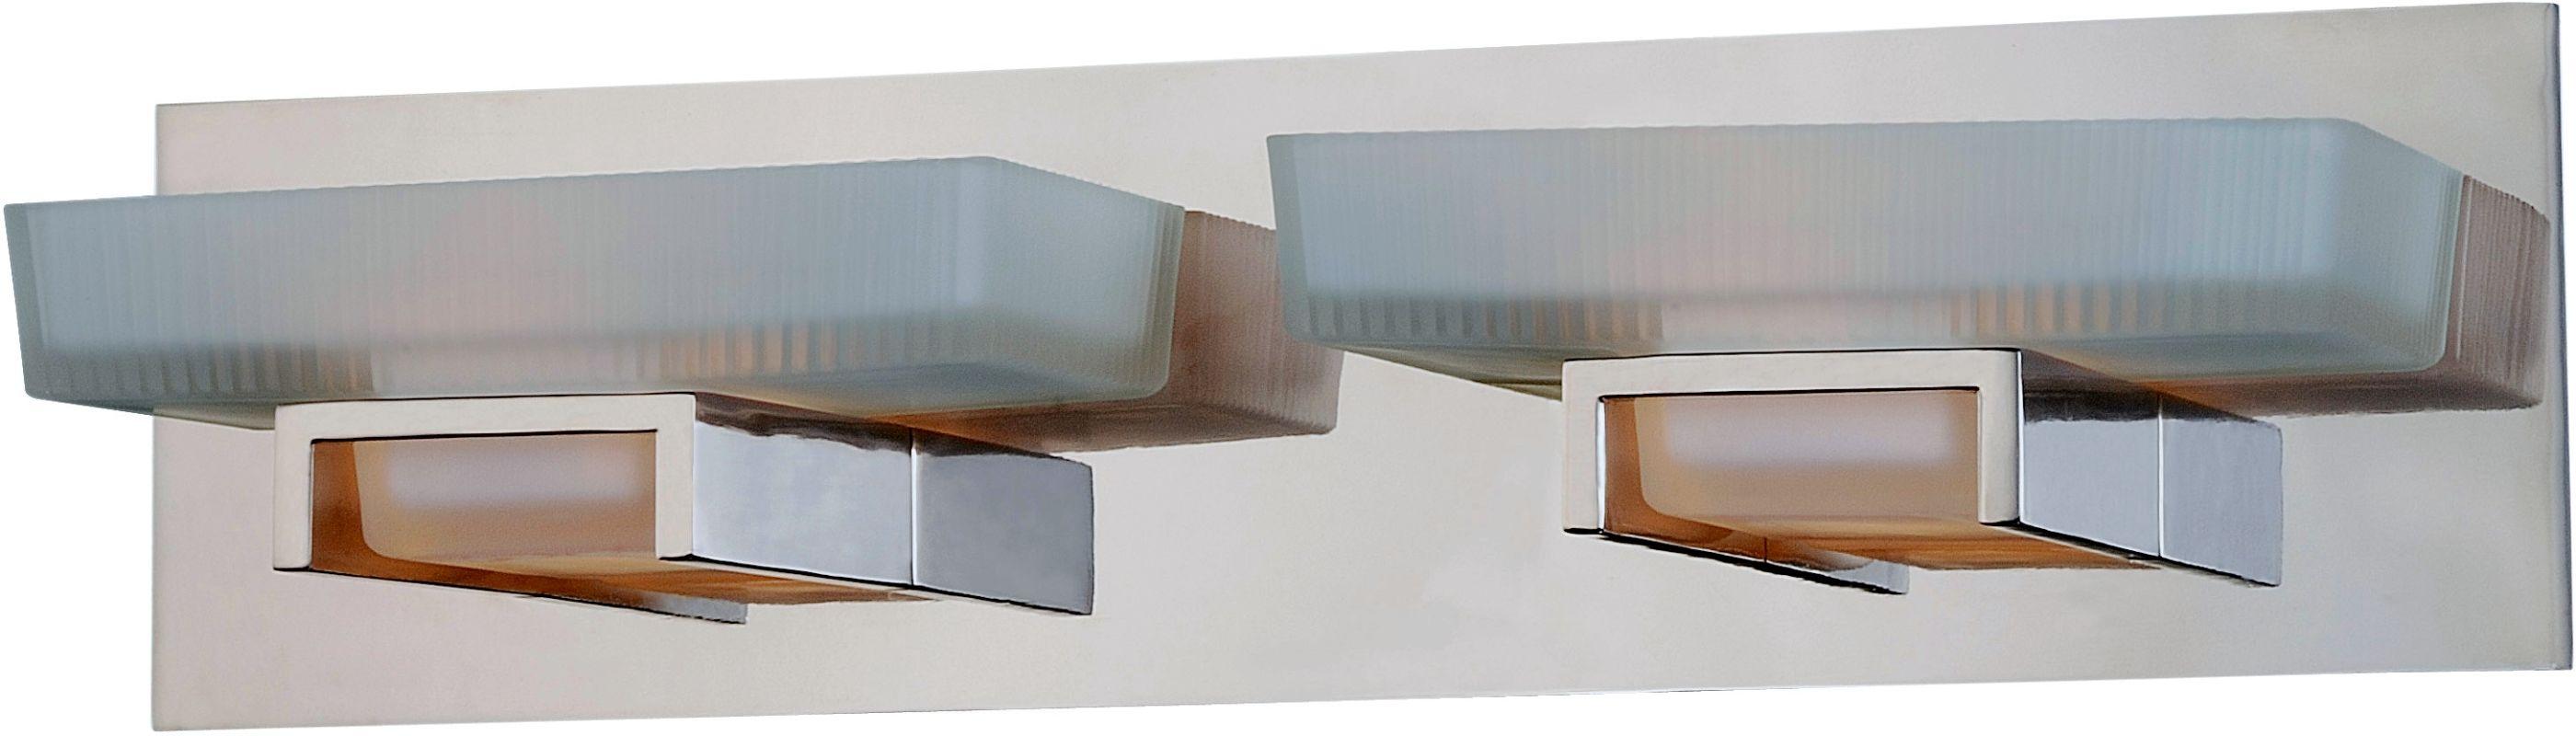 Vaxcel Lighting W0080 Gatsby 2 Light Bathroom Vanity Light - 19.25